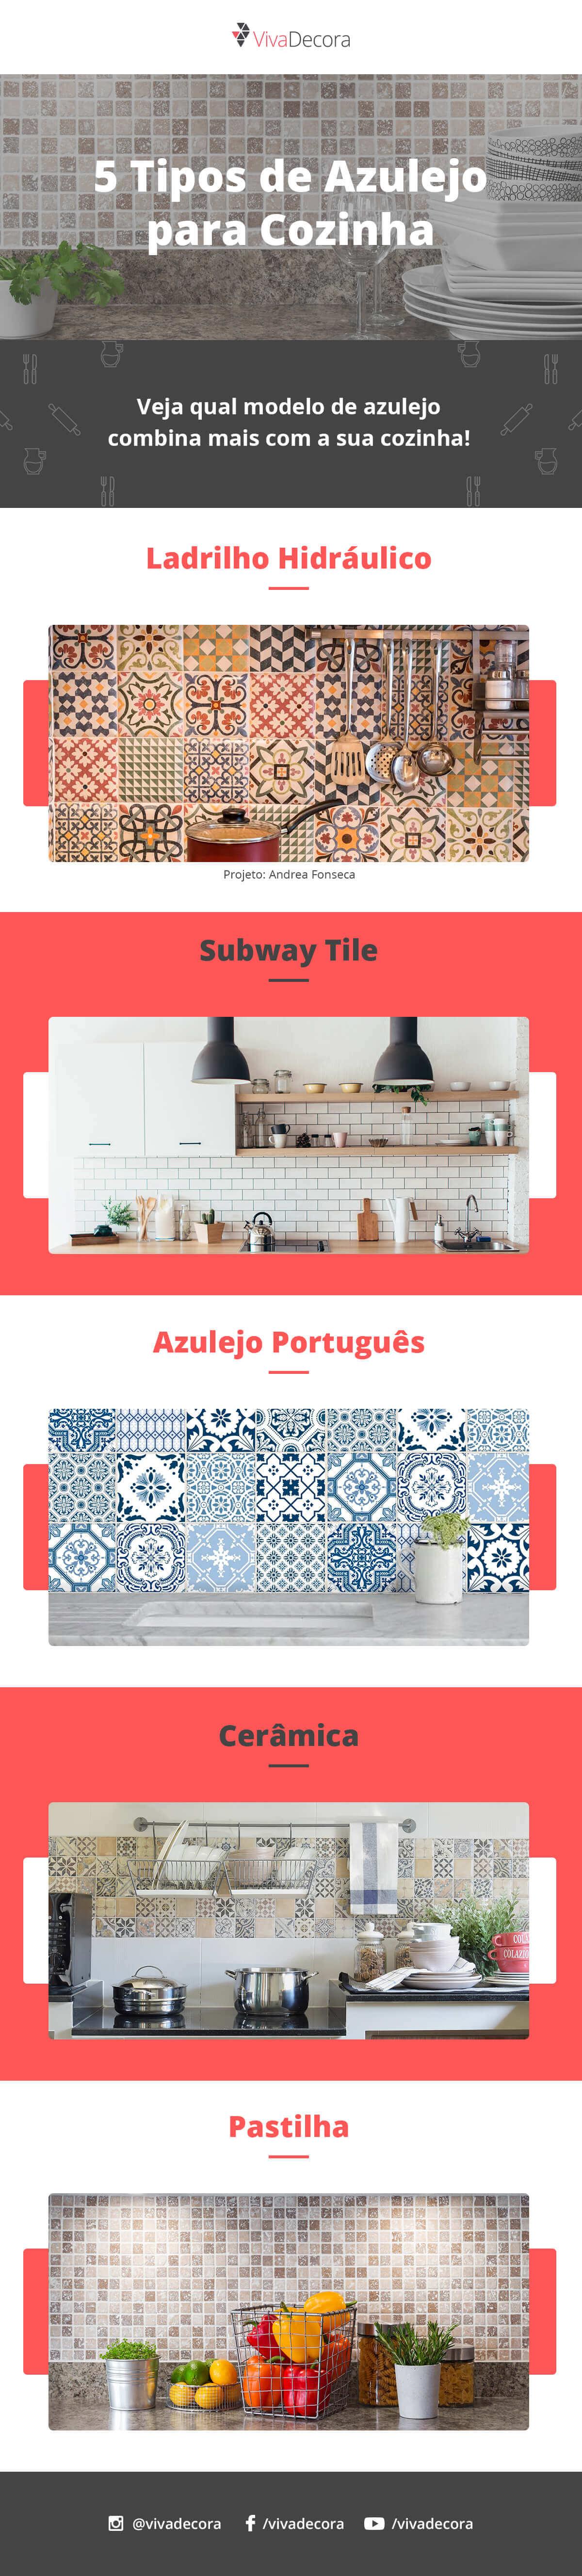 Infográfico - Tipos de Azulejo para Cozinha